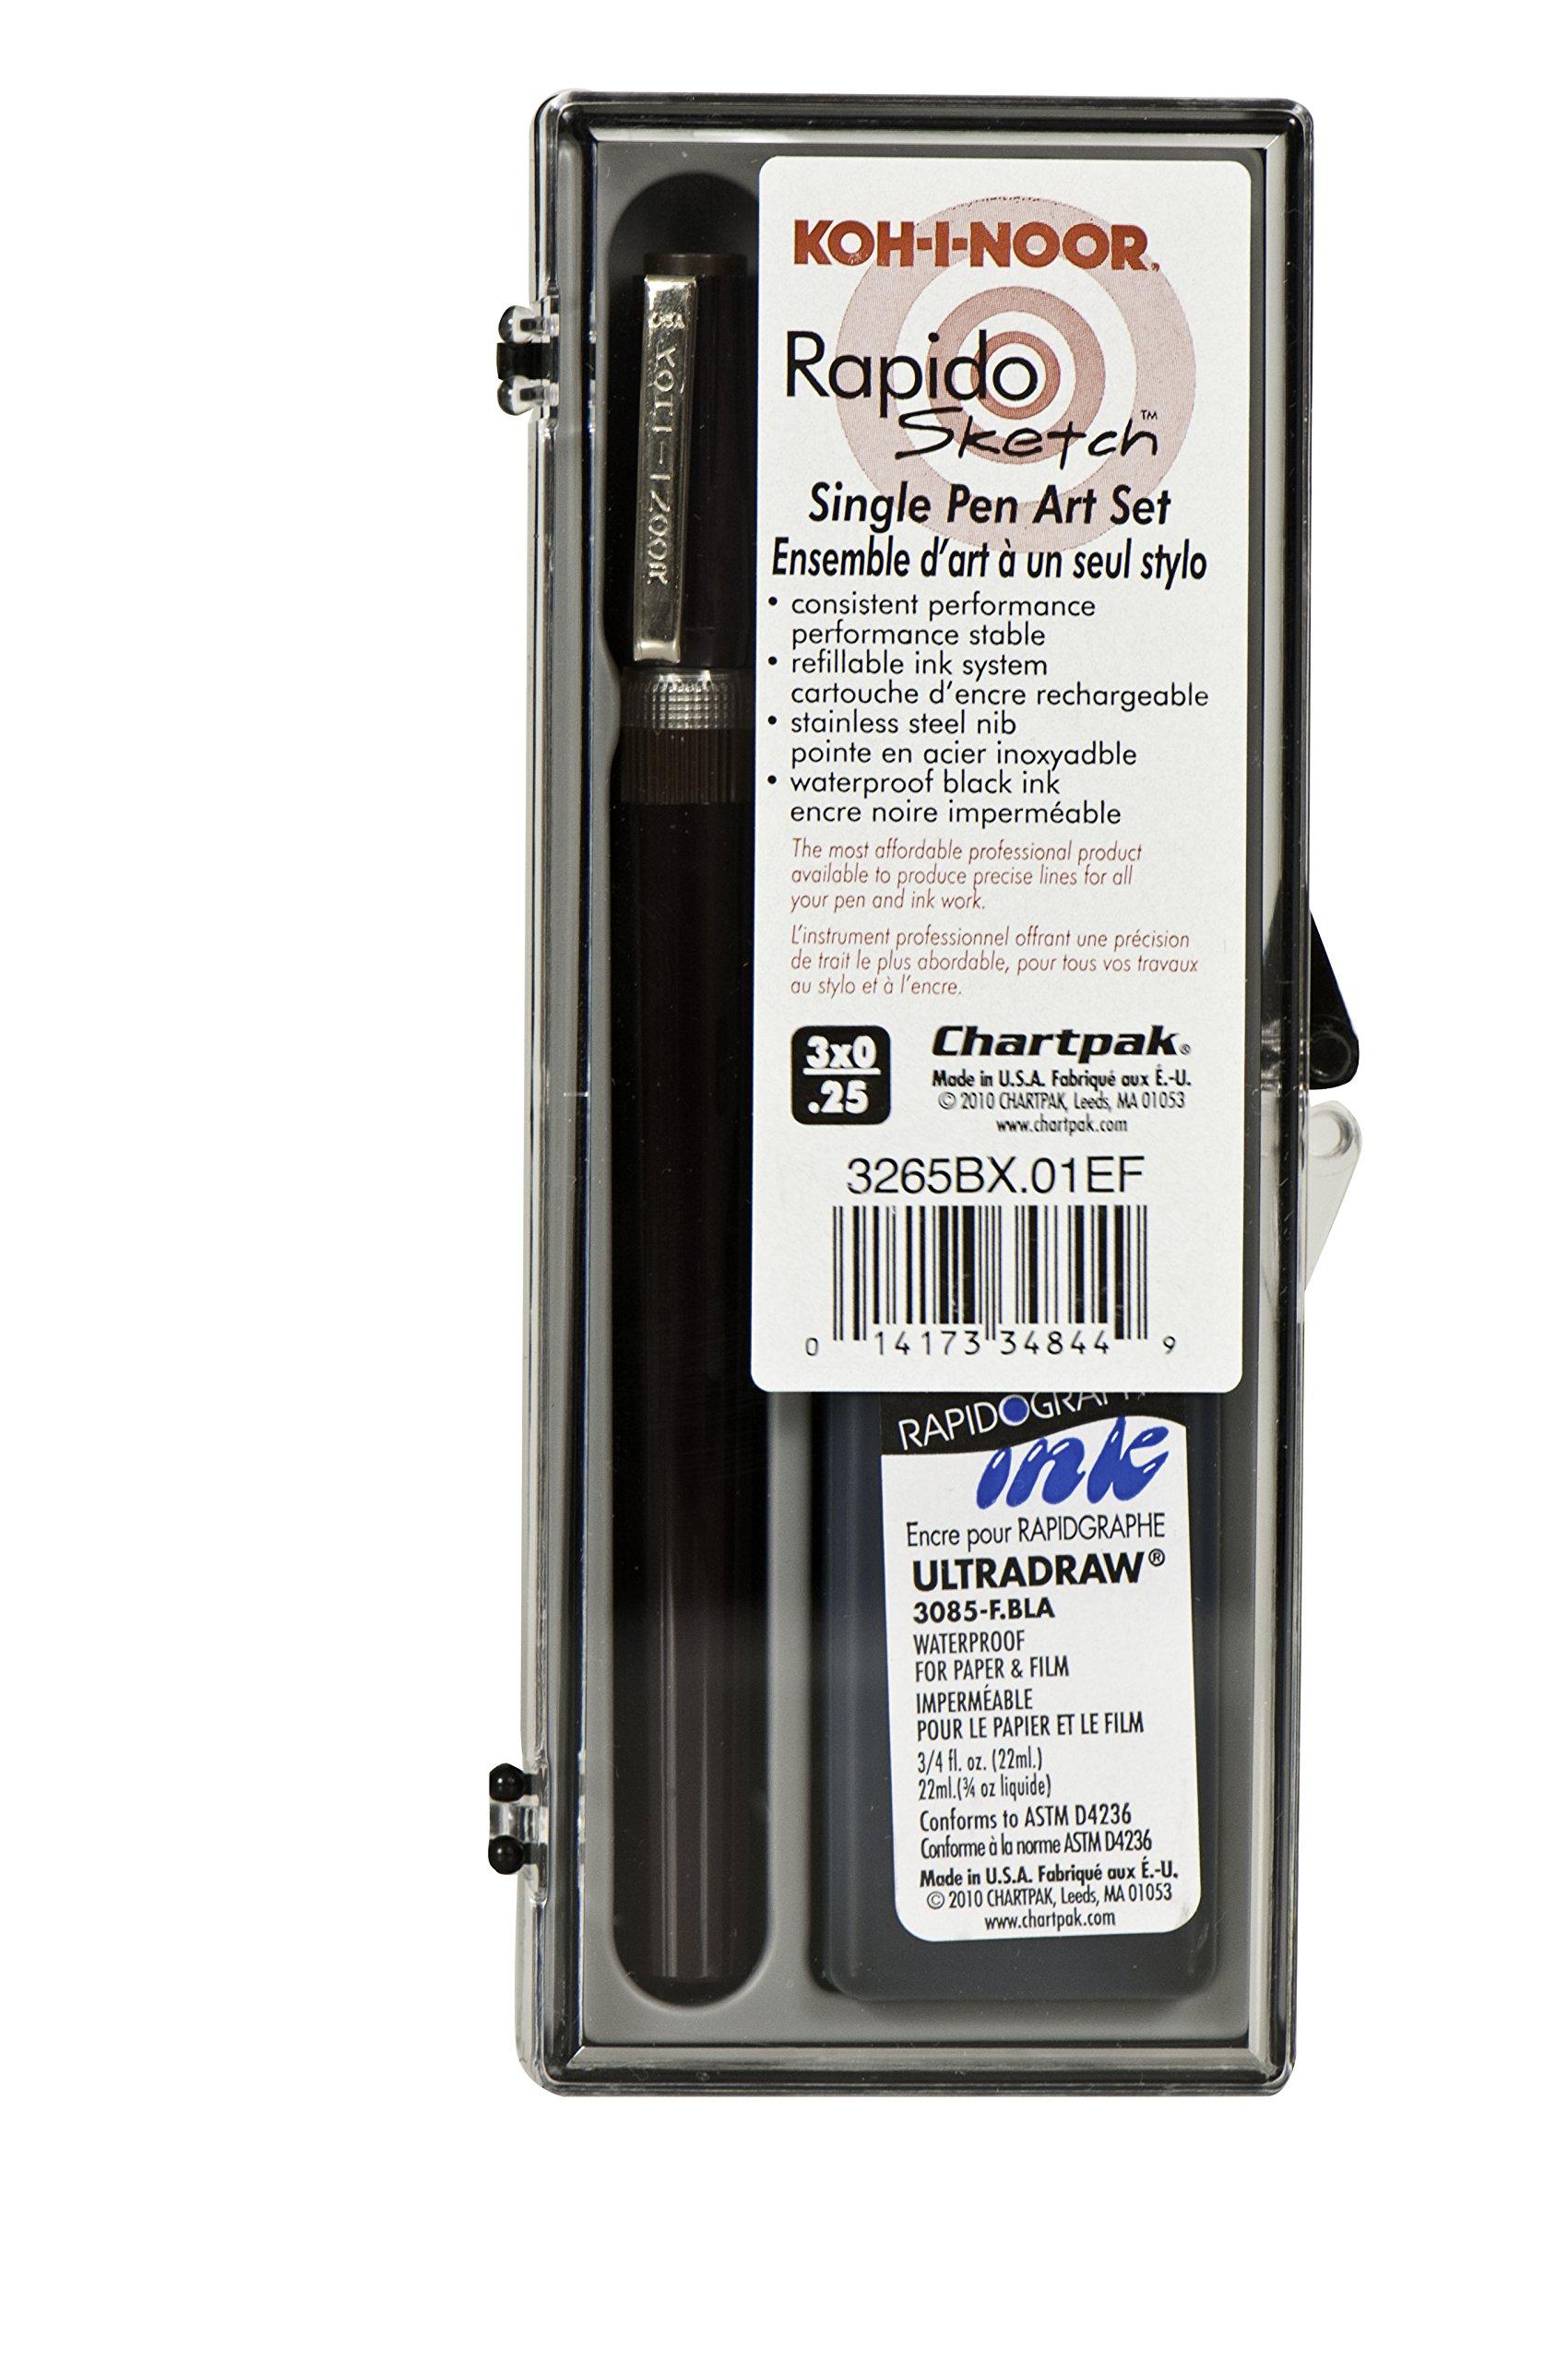 KOH-I-NOOR Rapidosketch Technical Pen Sets, 0.25 mm (3265BX.01EF) by Koh-I-Noor (Image #1)